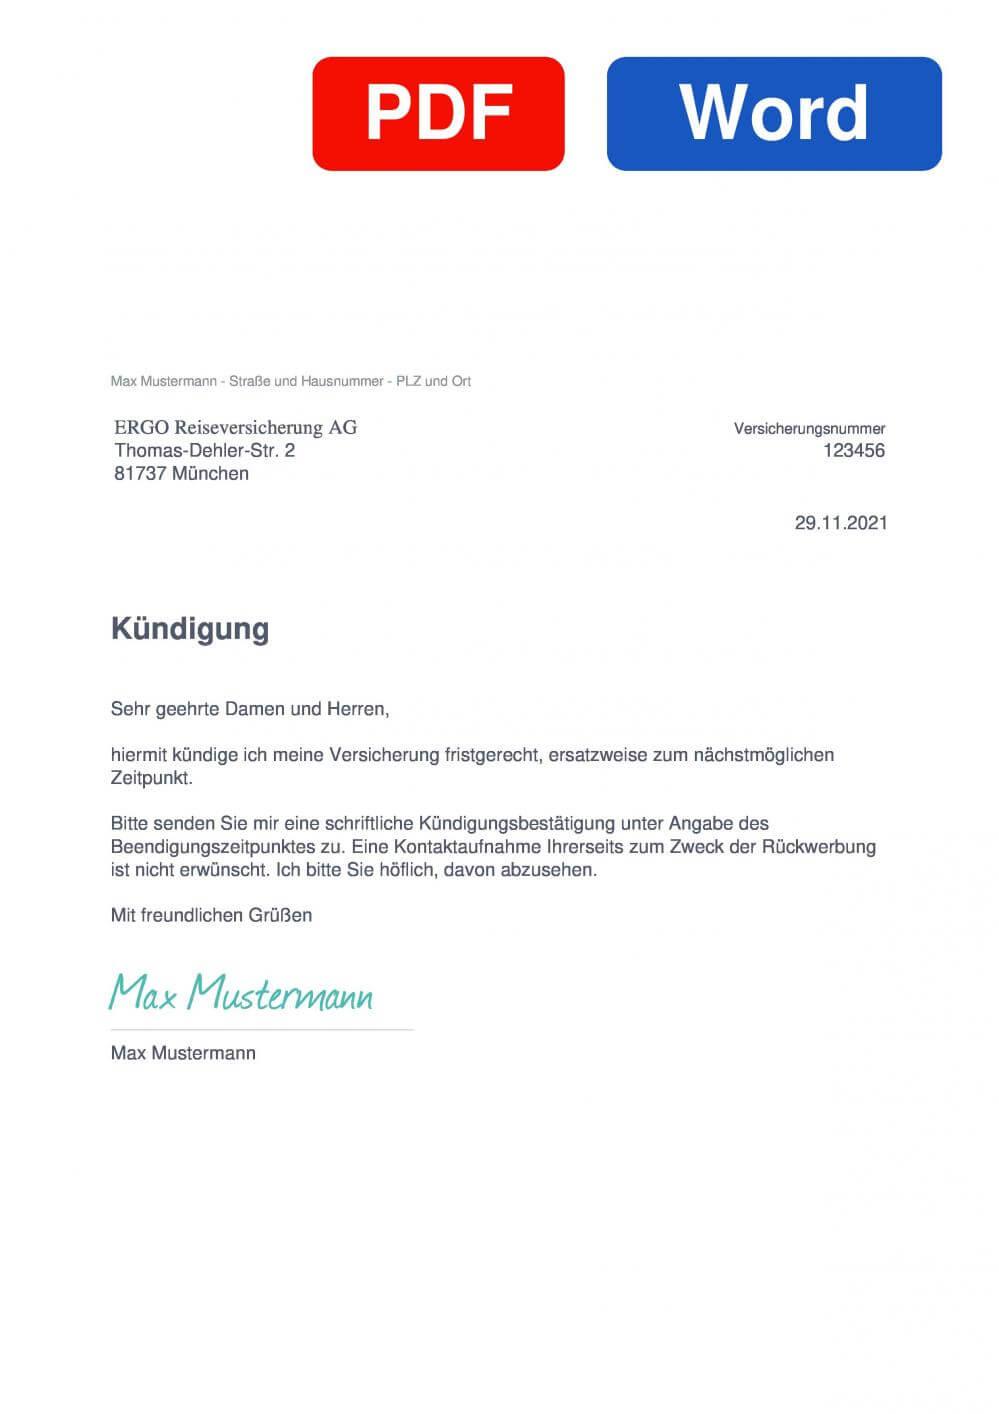 ERV Reiseversicherung Muster Vorlage für Kündigungsschreiben